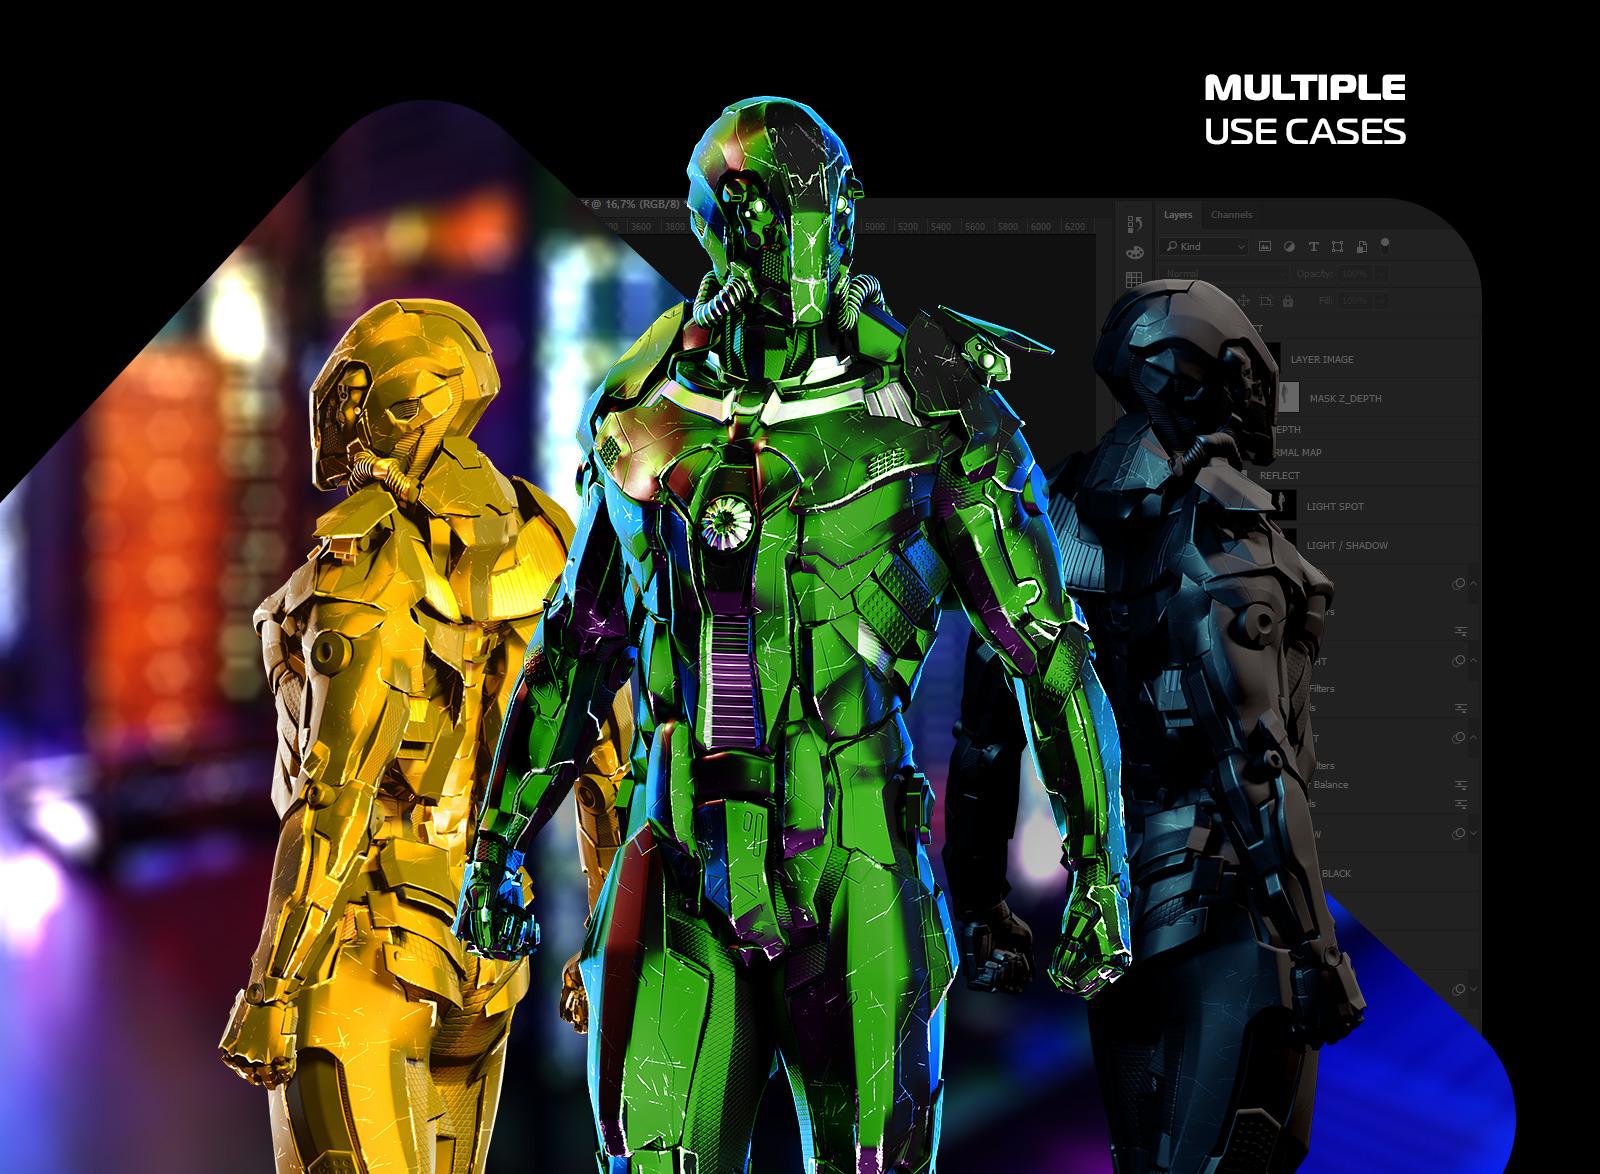 未来科幻金属变形盔甲机器人3D立体模型PS设计源文件 Security Robots #1插图(4)